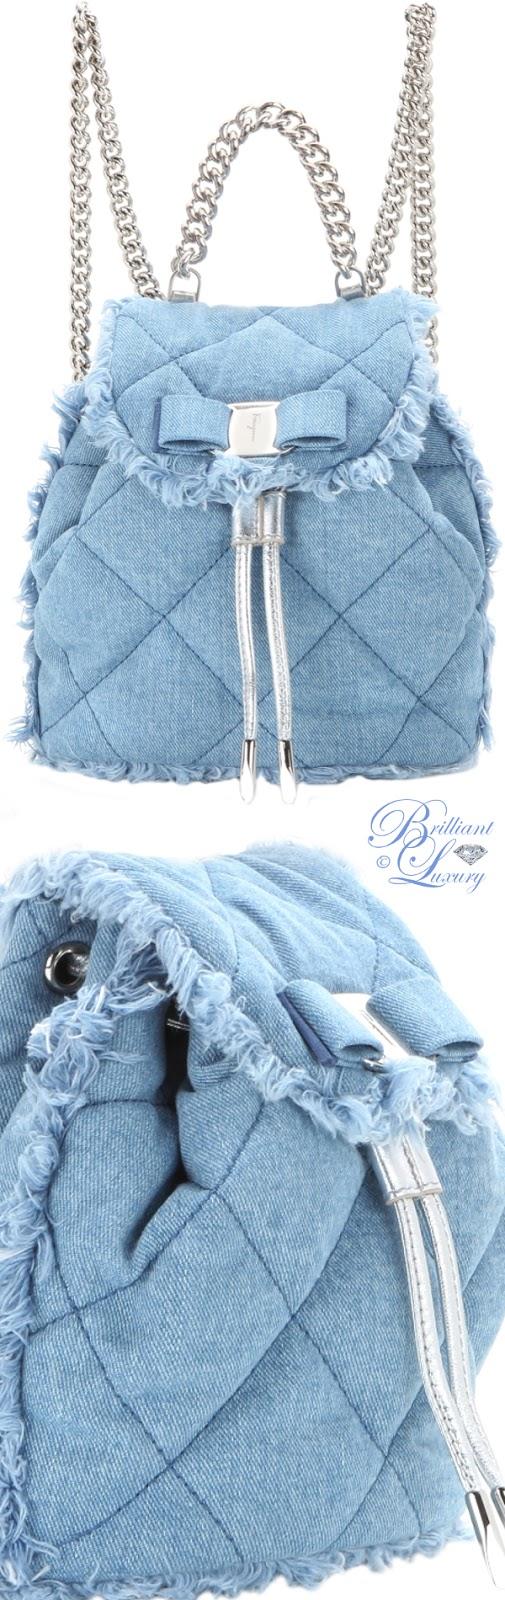 Brilliant Luxury ♦ Salvatore Ferragamo Giuliette quiltet denim bagpack